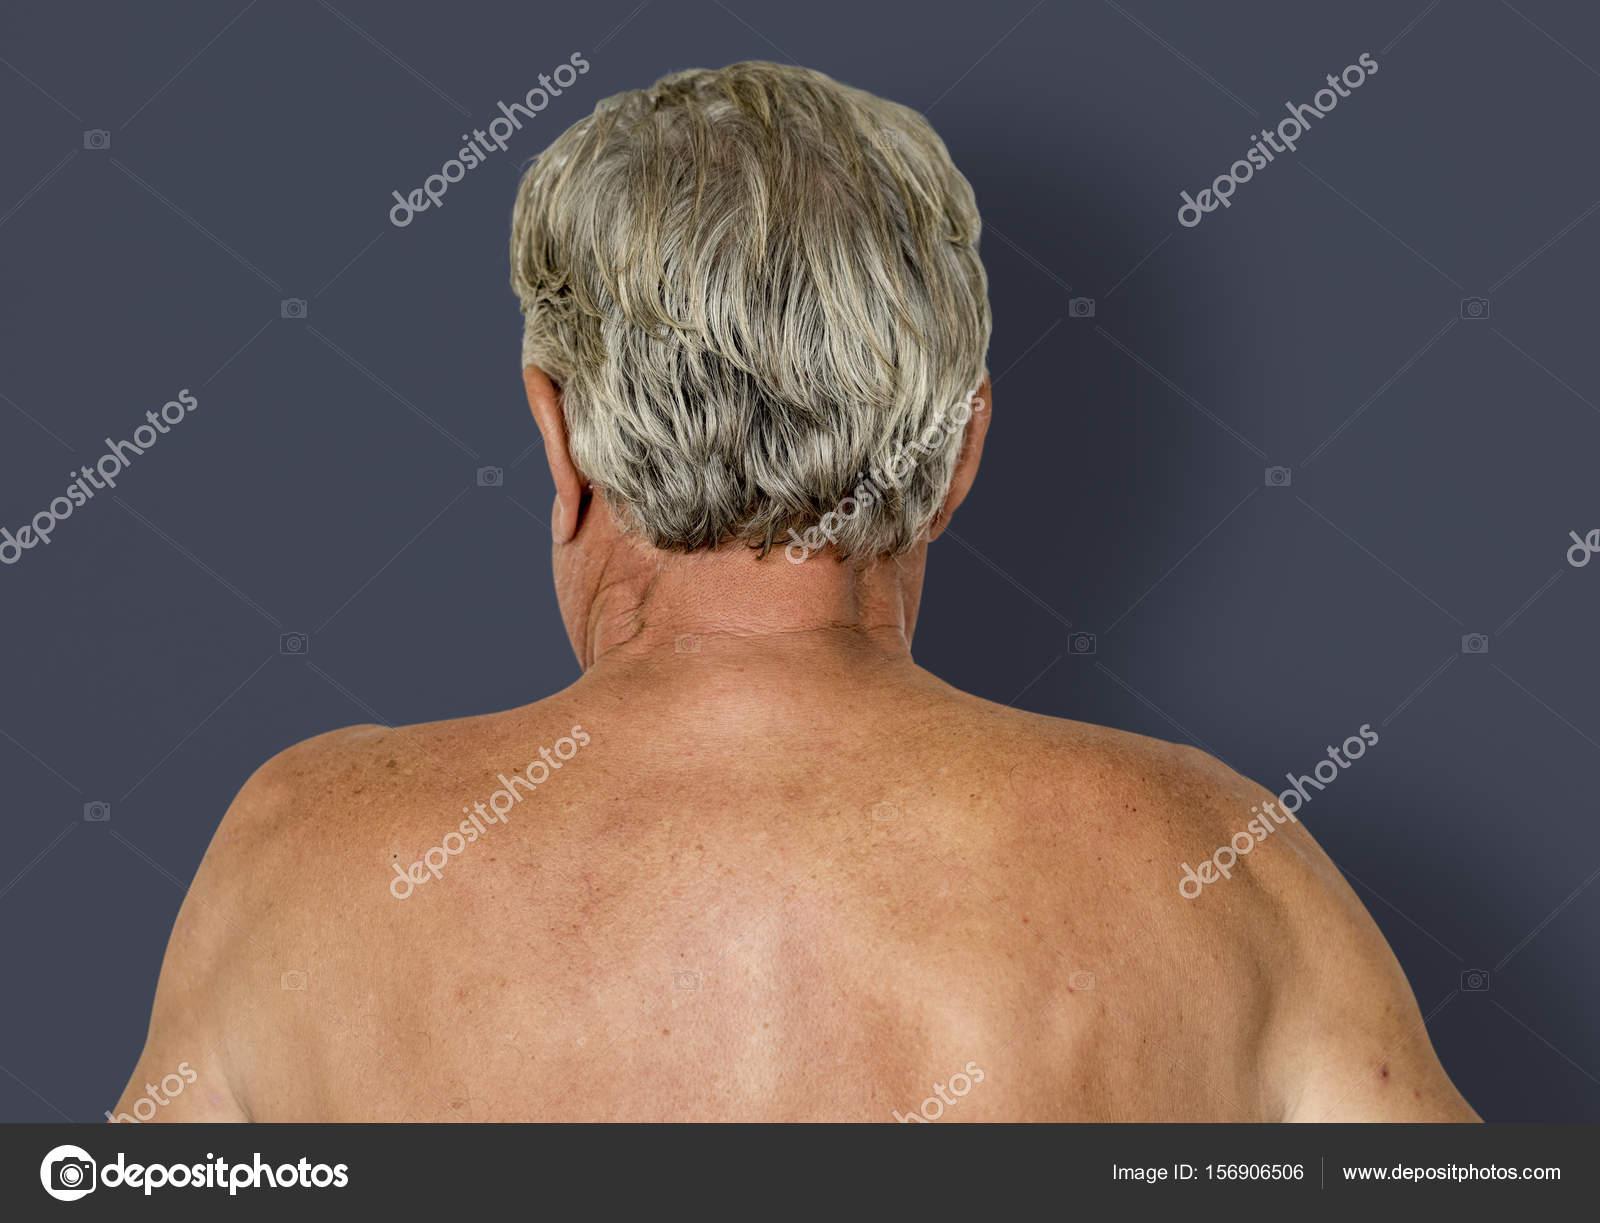 Γυμνό γκριζάλ